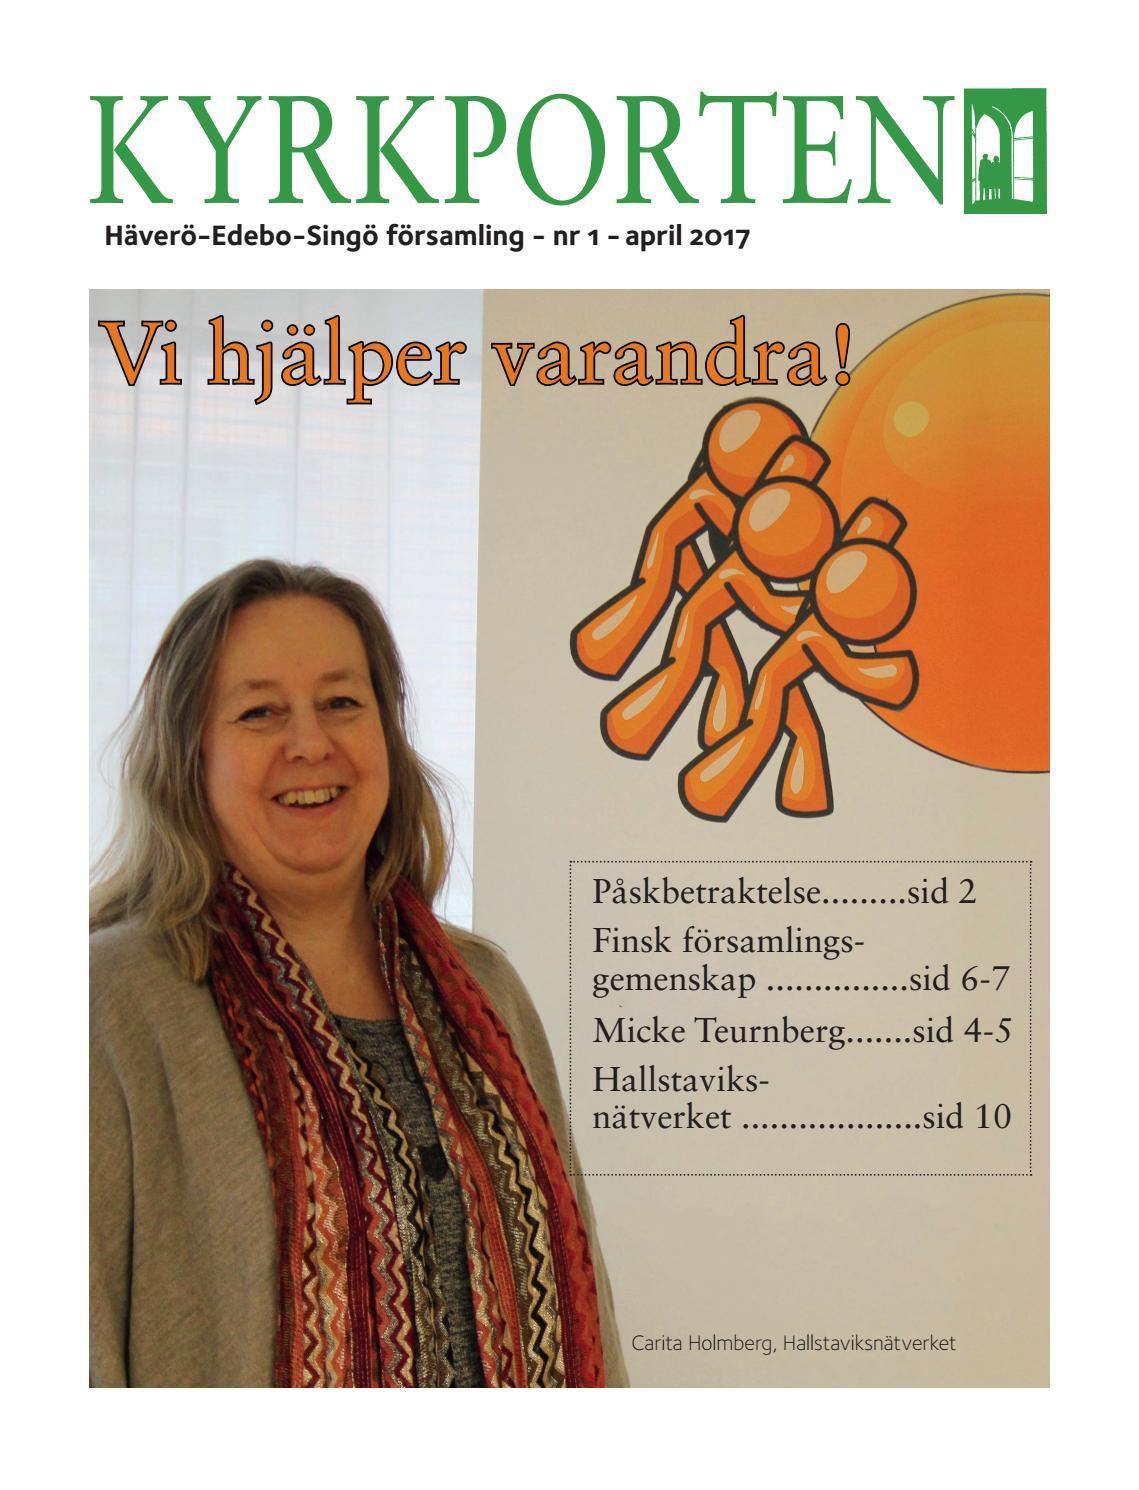 Hver Kyrkvg 23 Stockholms Ln, Hallstavik - patient-survey.net